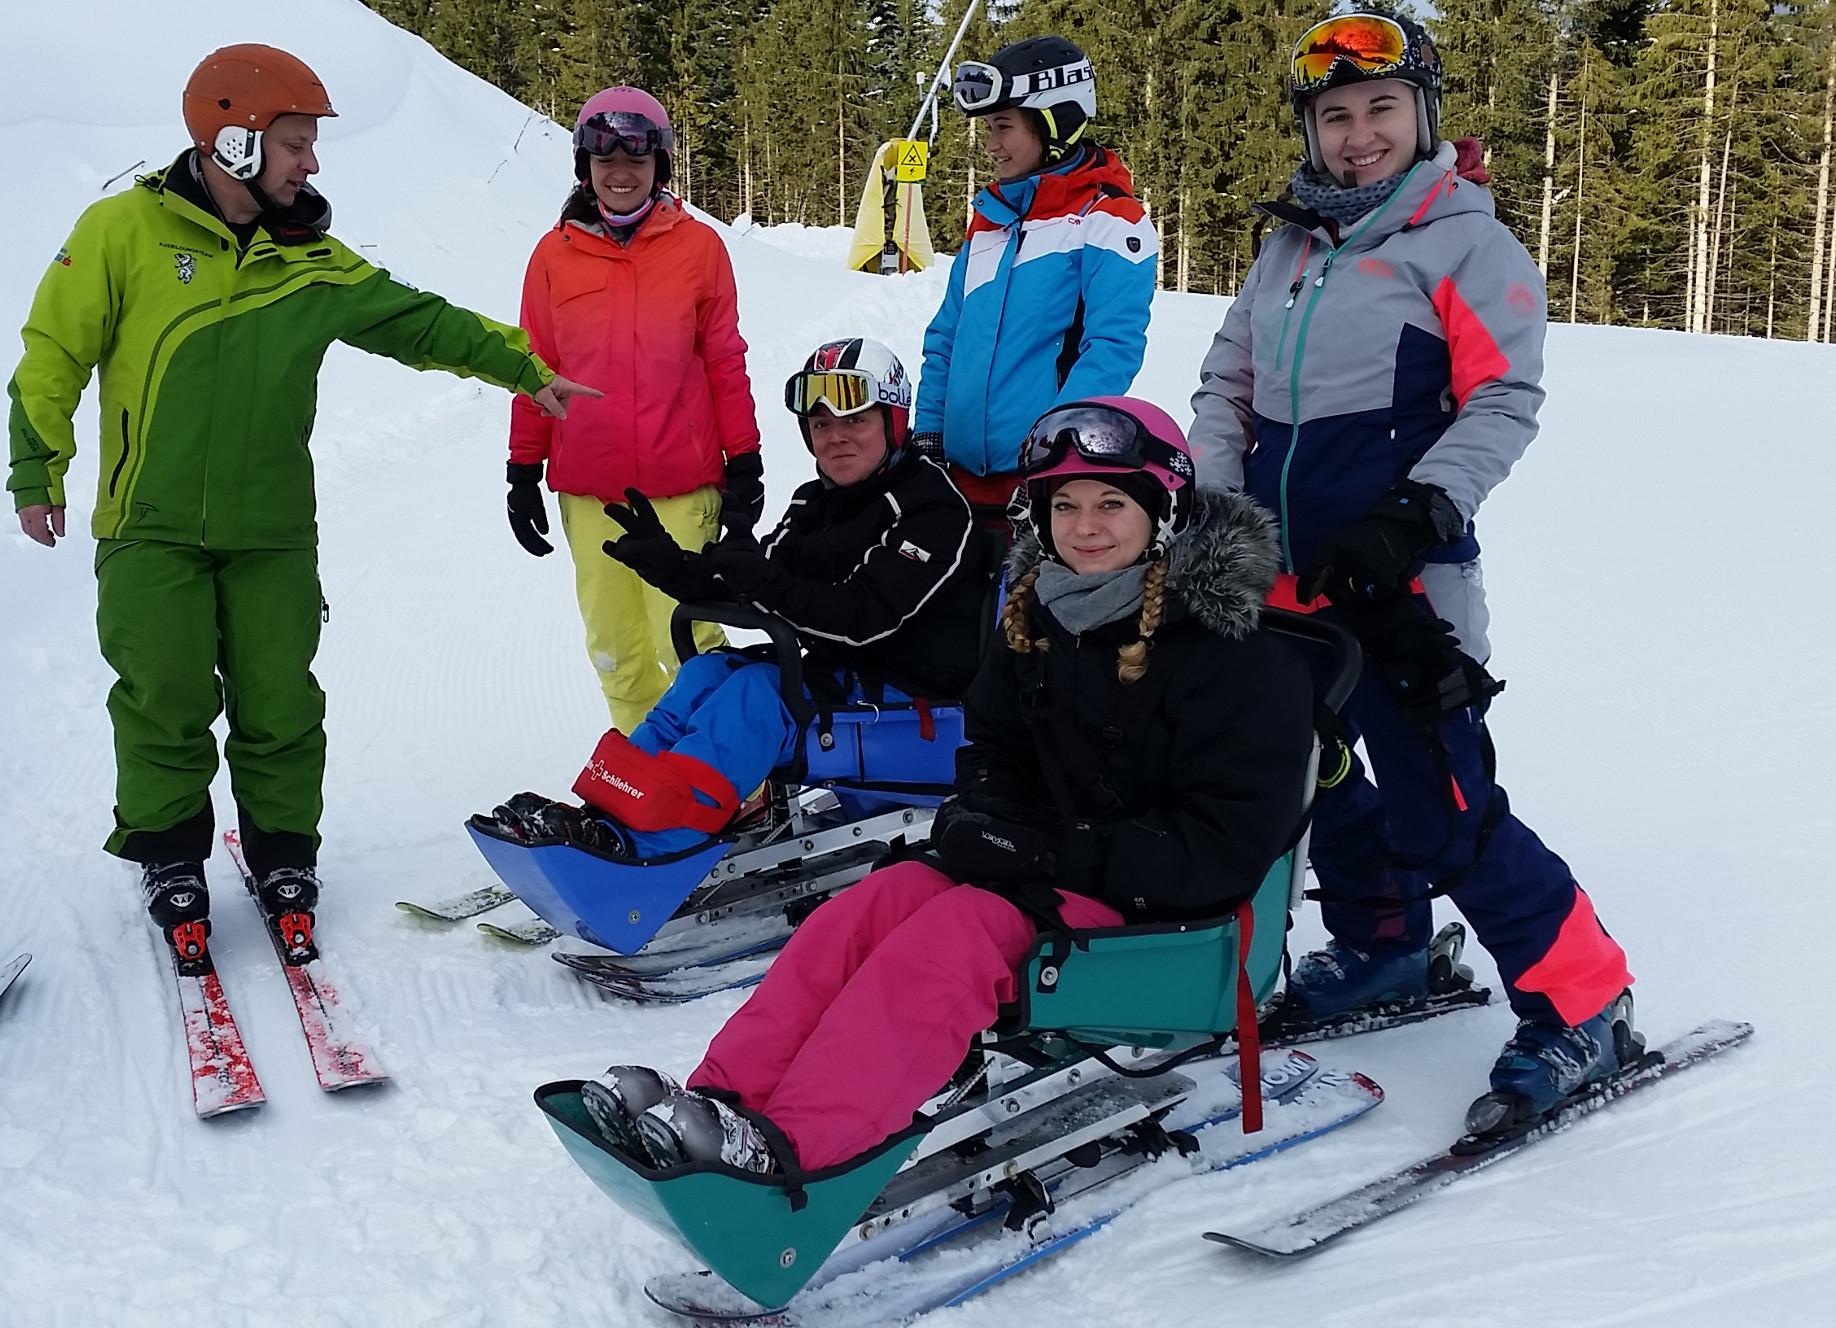 Ausbildung zum Skilehrer für Menschen mit Behinderung